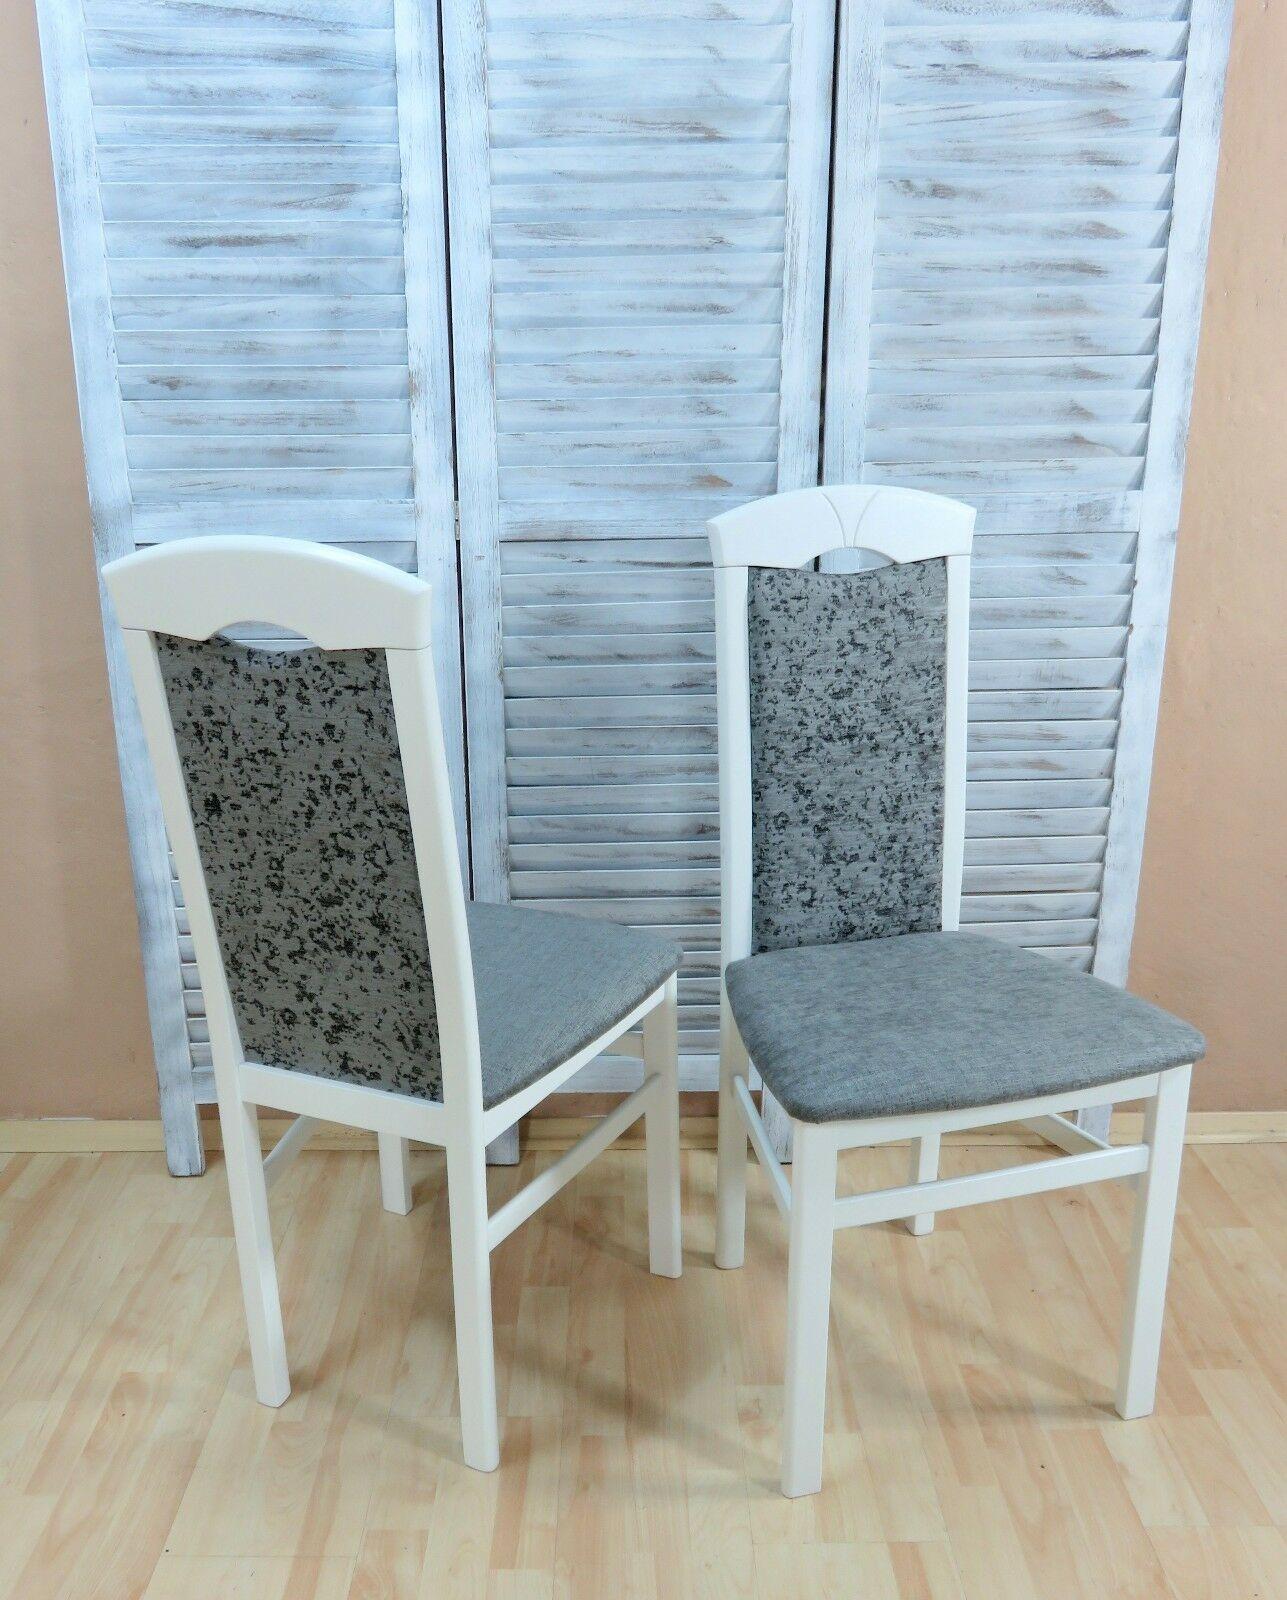 Günstig Neu Stühle Weiß Esszimmerstühle 2 Edel Design Stuhlset X Modern Graphit TlF1cJK